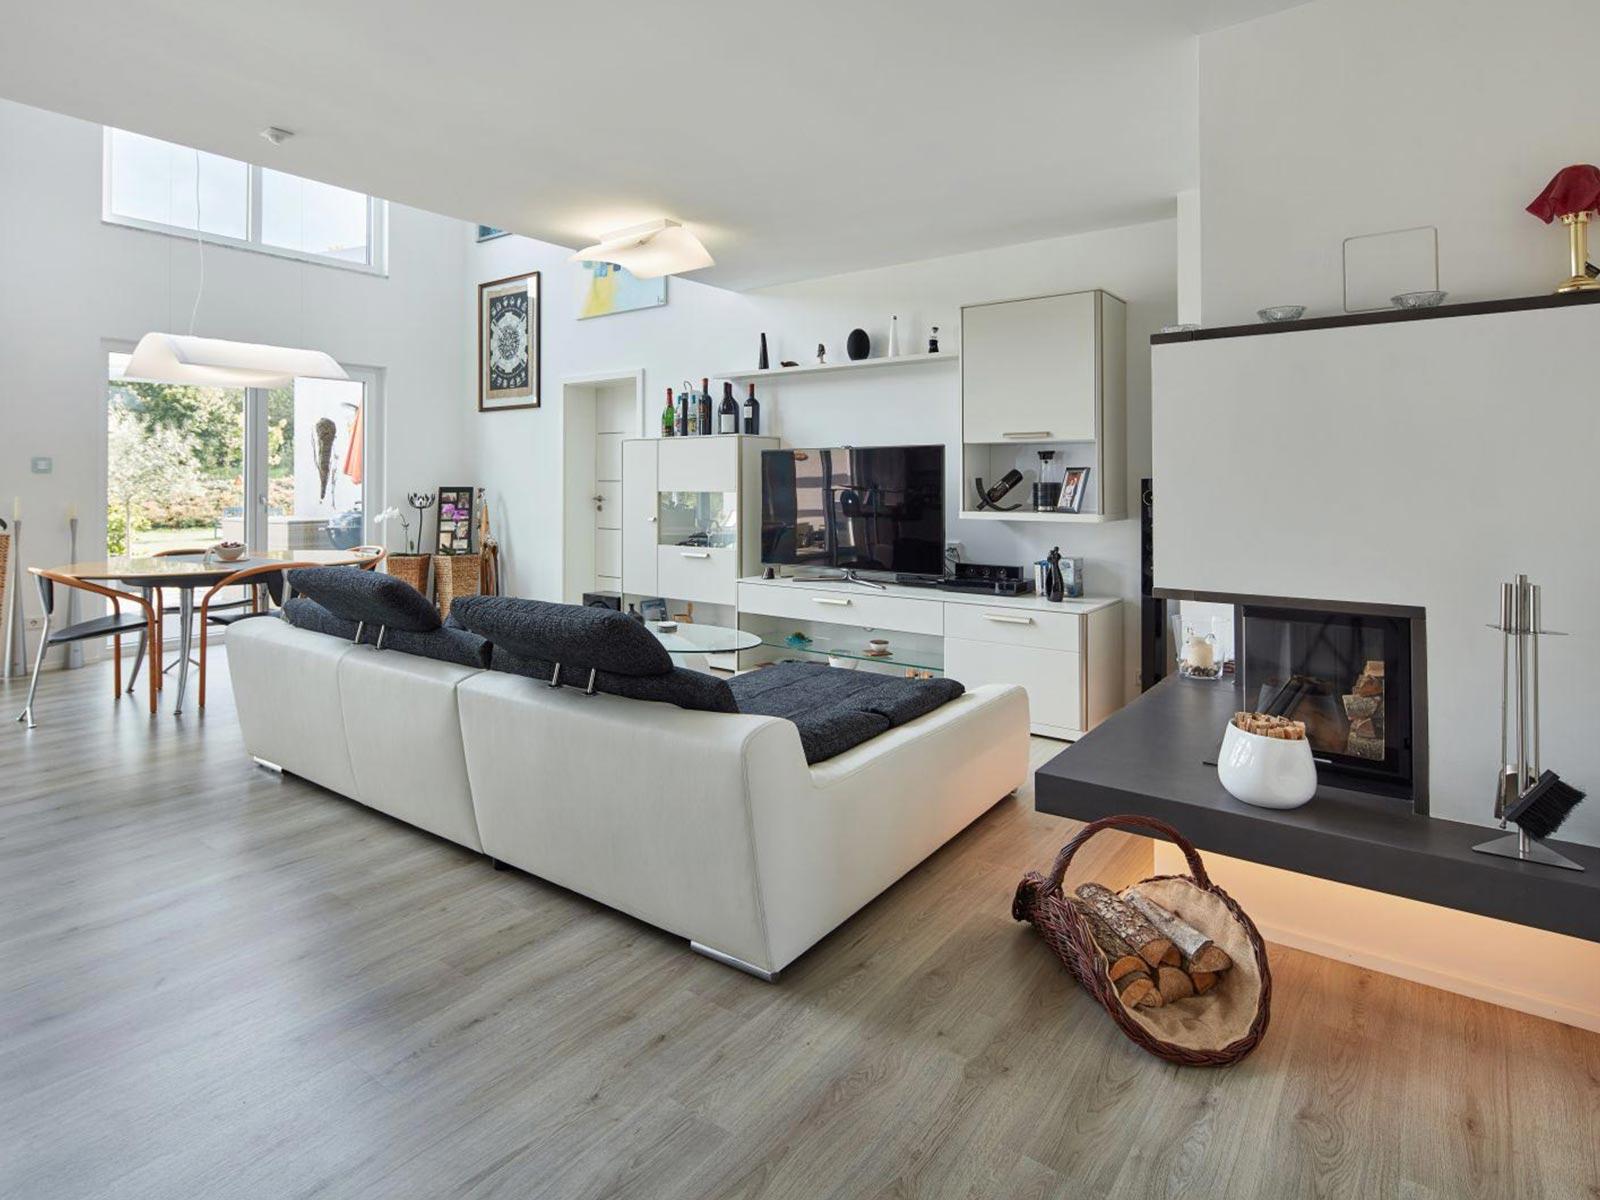 Wohnzimmer Einrichten Und Gestalten Inspirationen Fur Ihre Wohnzimmereinrichtung